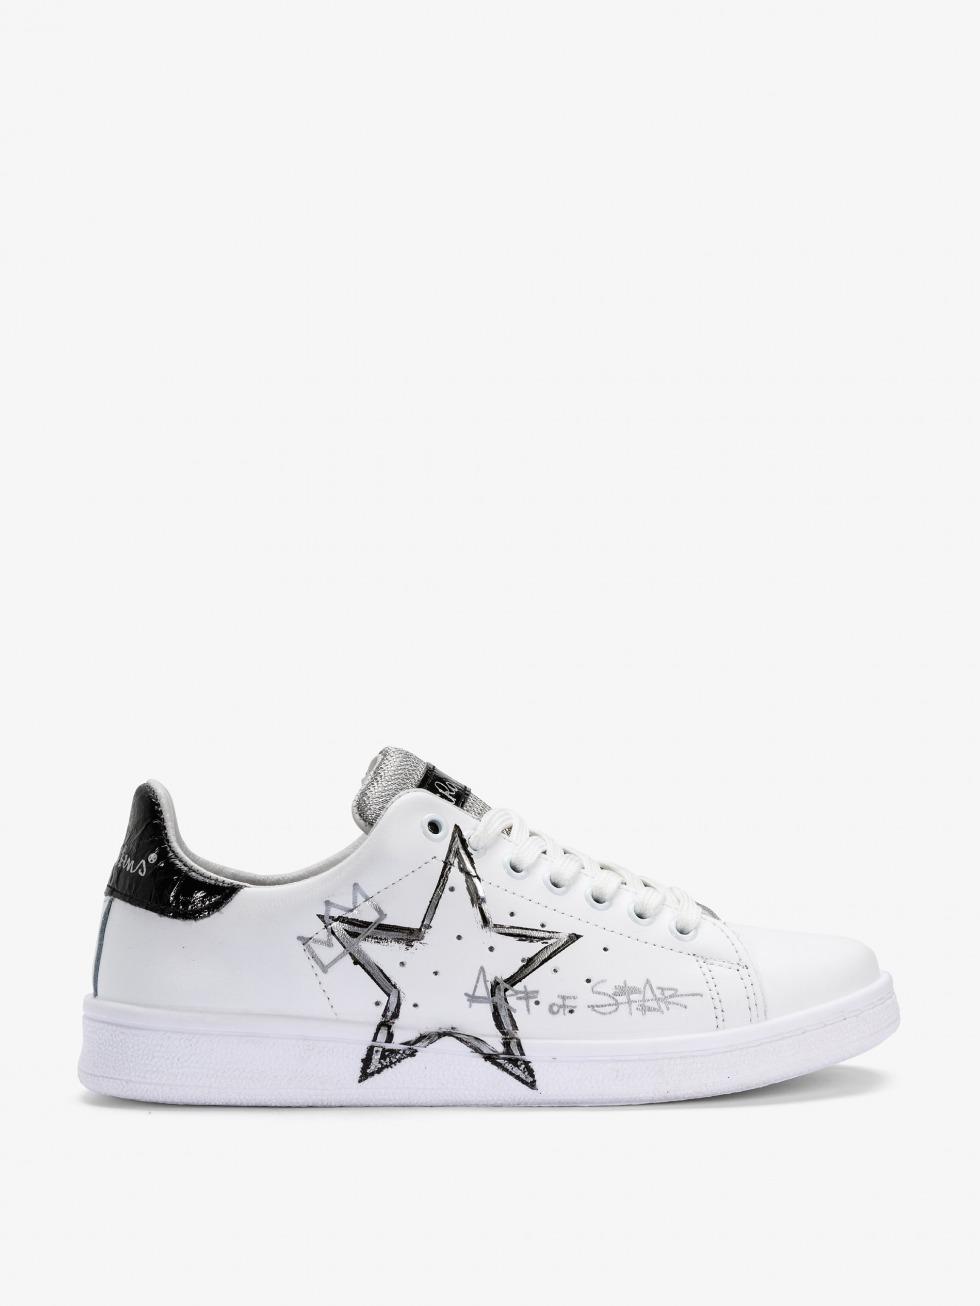 Sneakers da donna con stella argentata - Daiquiri Space Iron